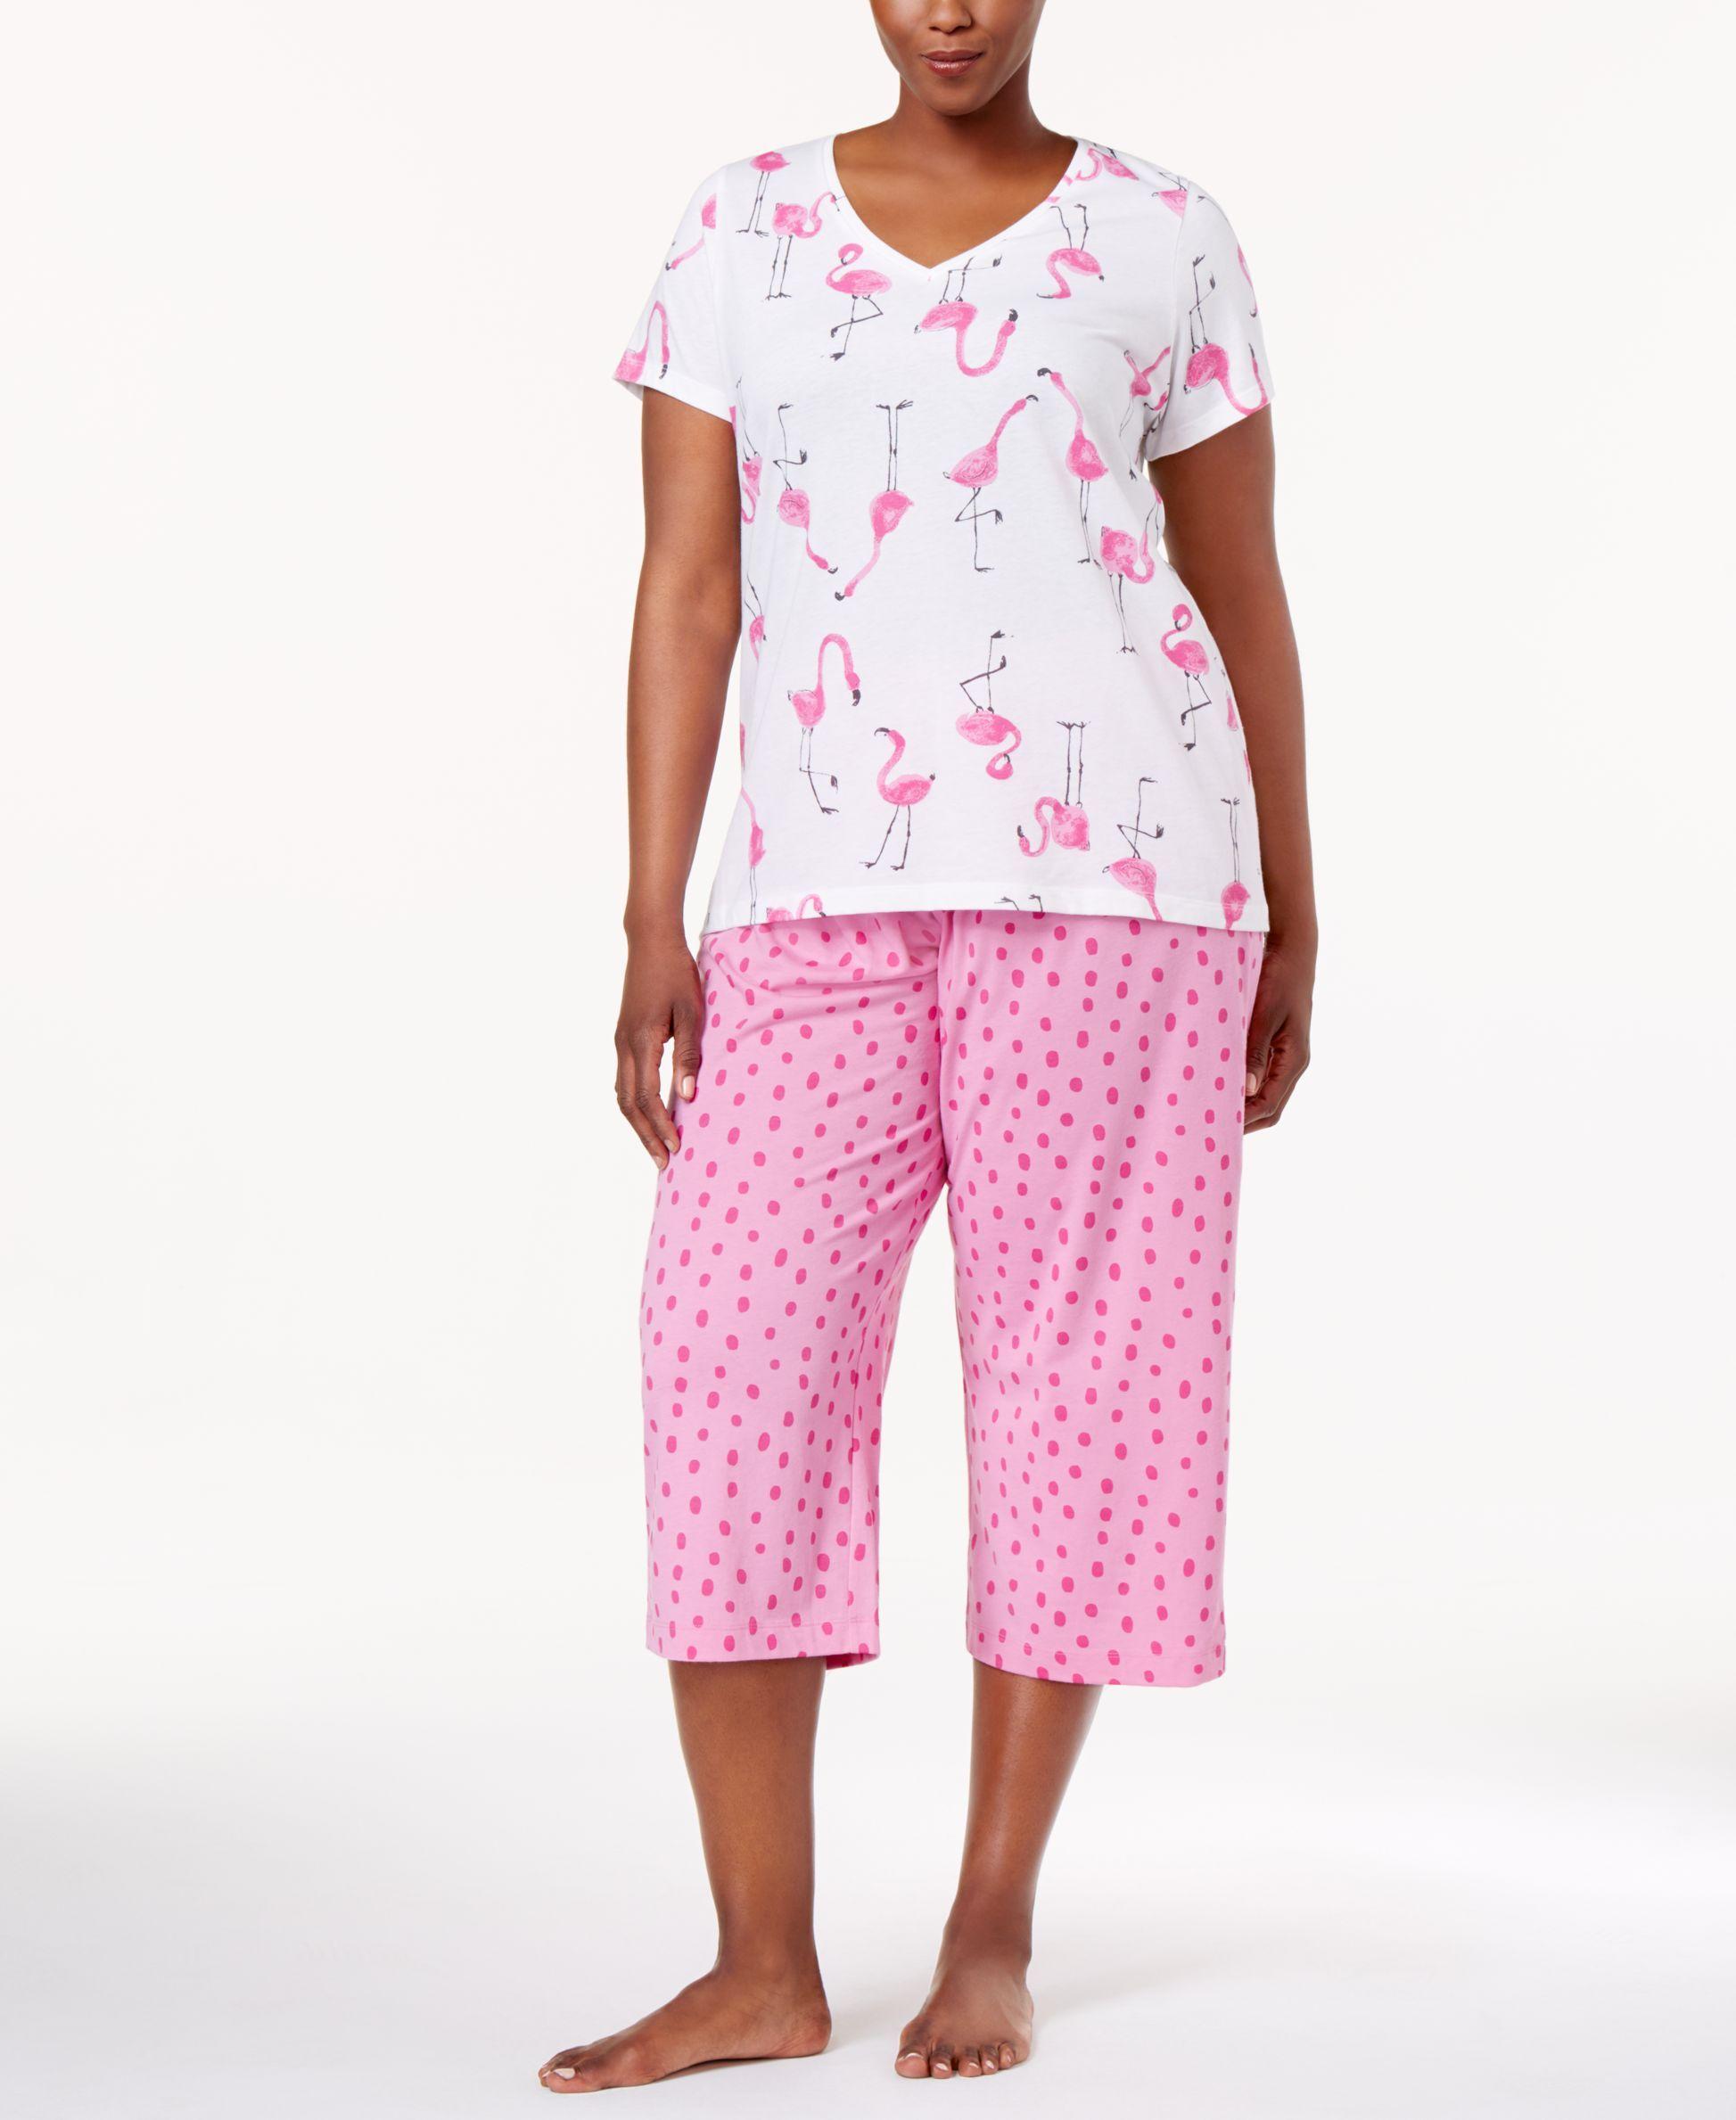 c3316c62d3f Hue Plus Size Printed Top and Capri Pants Knit Pajama Set